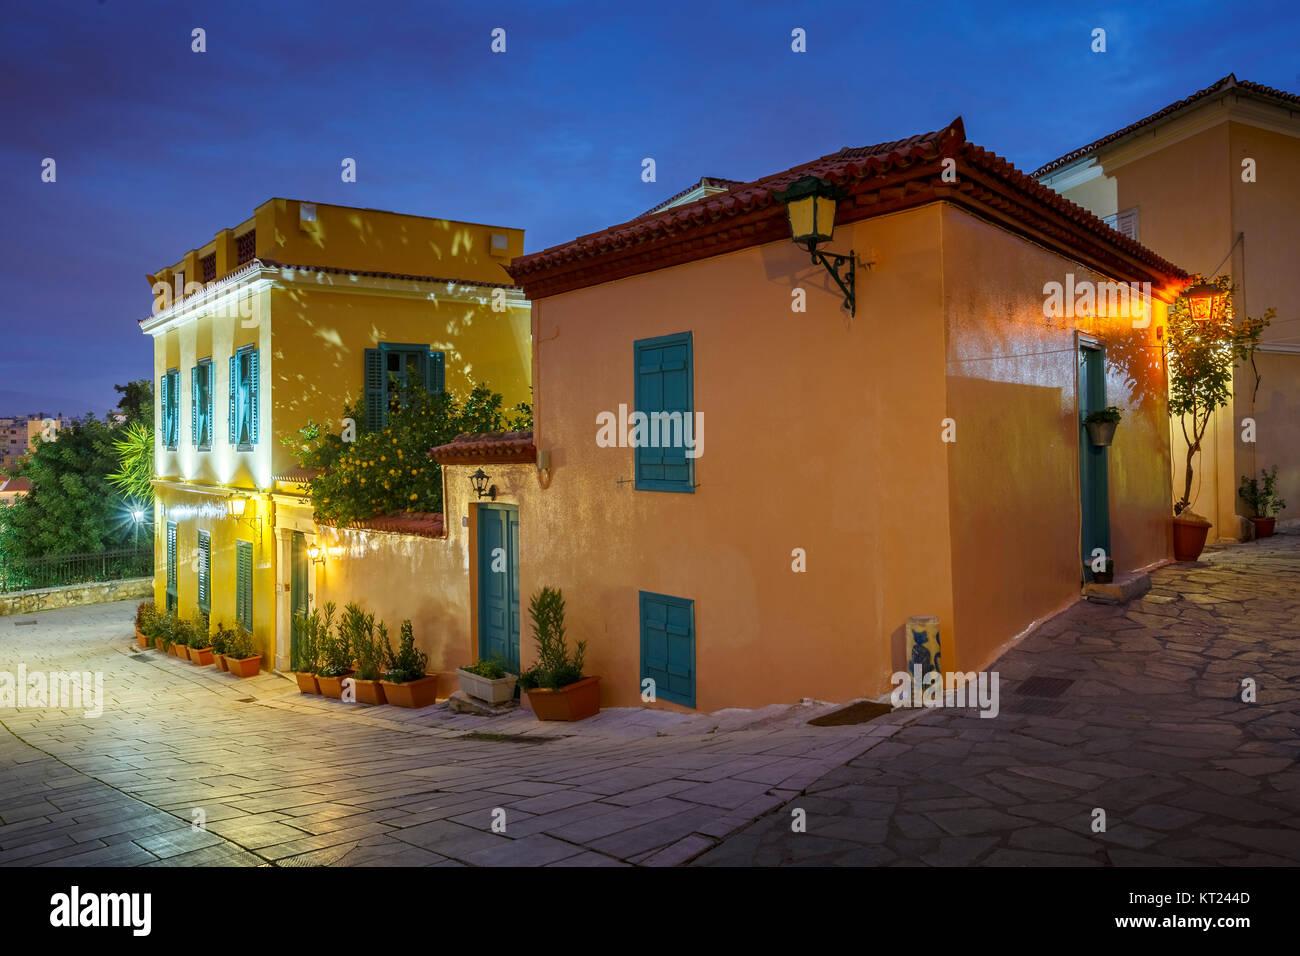 Arquitectura en Plaka, el casco antiguo de Atenas, Grecia. Imagen De Stock